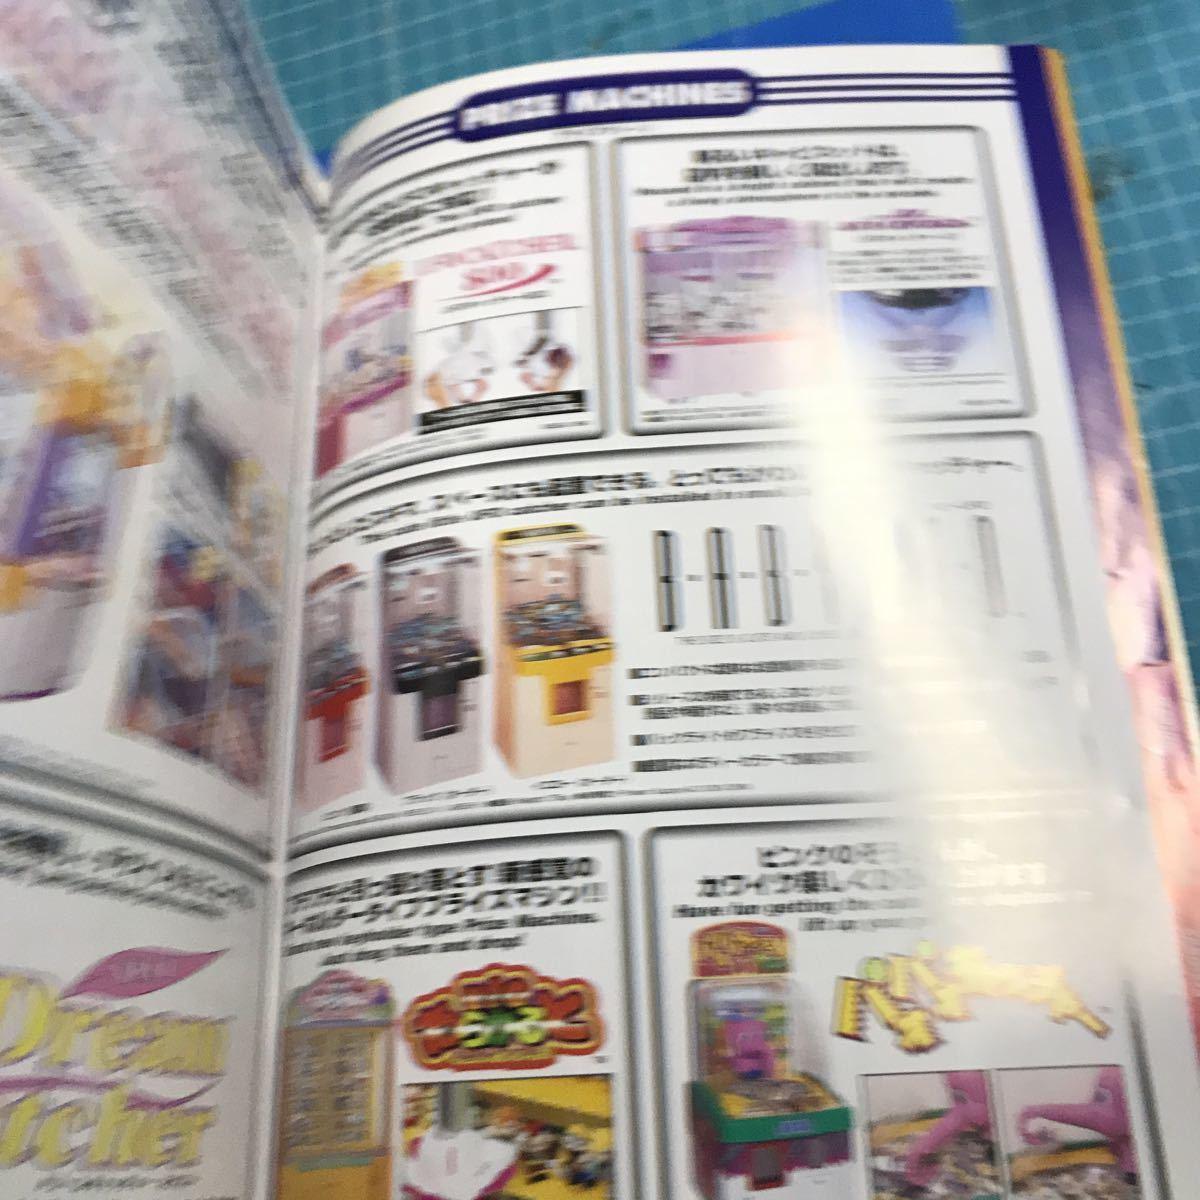 No.756 アーケードゲーム SEGA 1999年 アミューズメントマシン総合カタログ 全26ページ 業務用 非売品 カタログ セガ_画像8